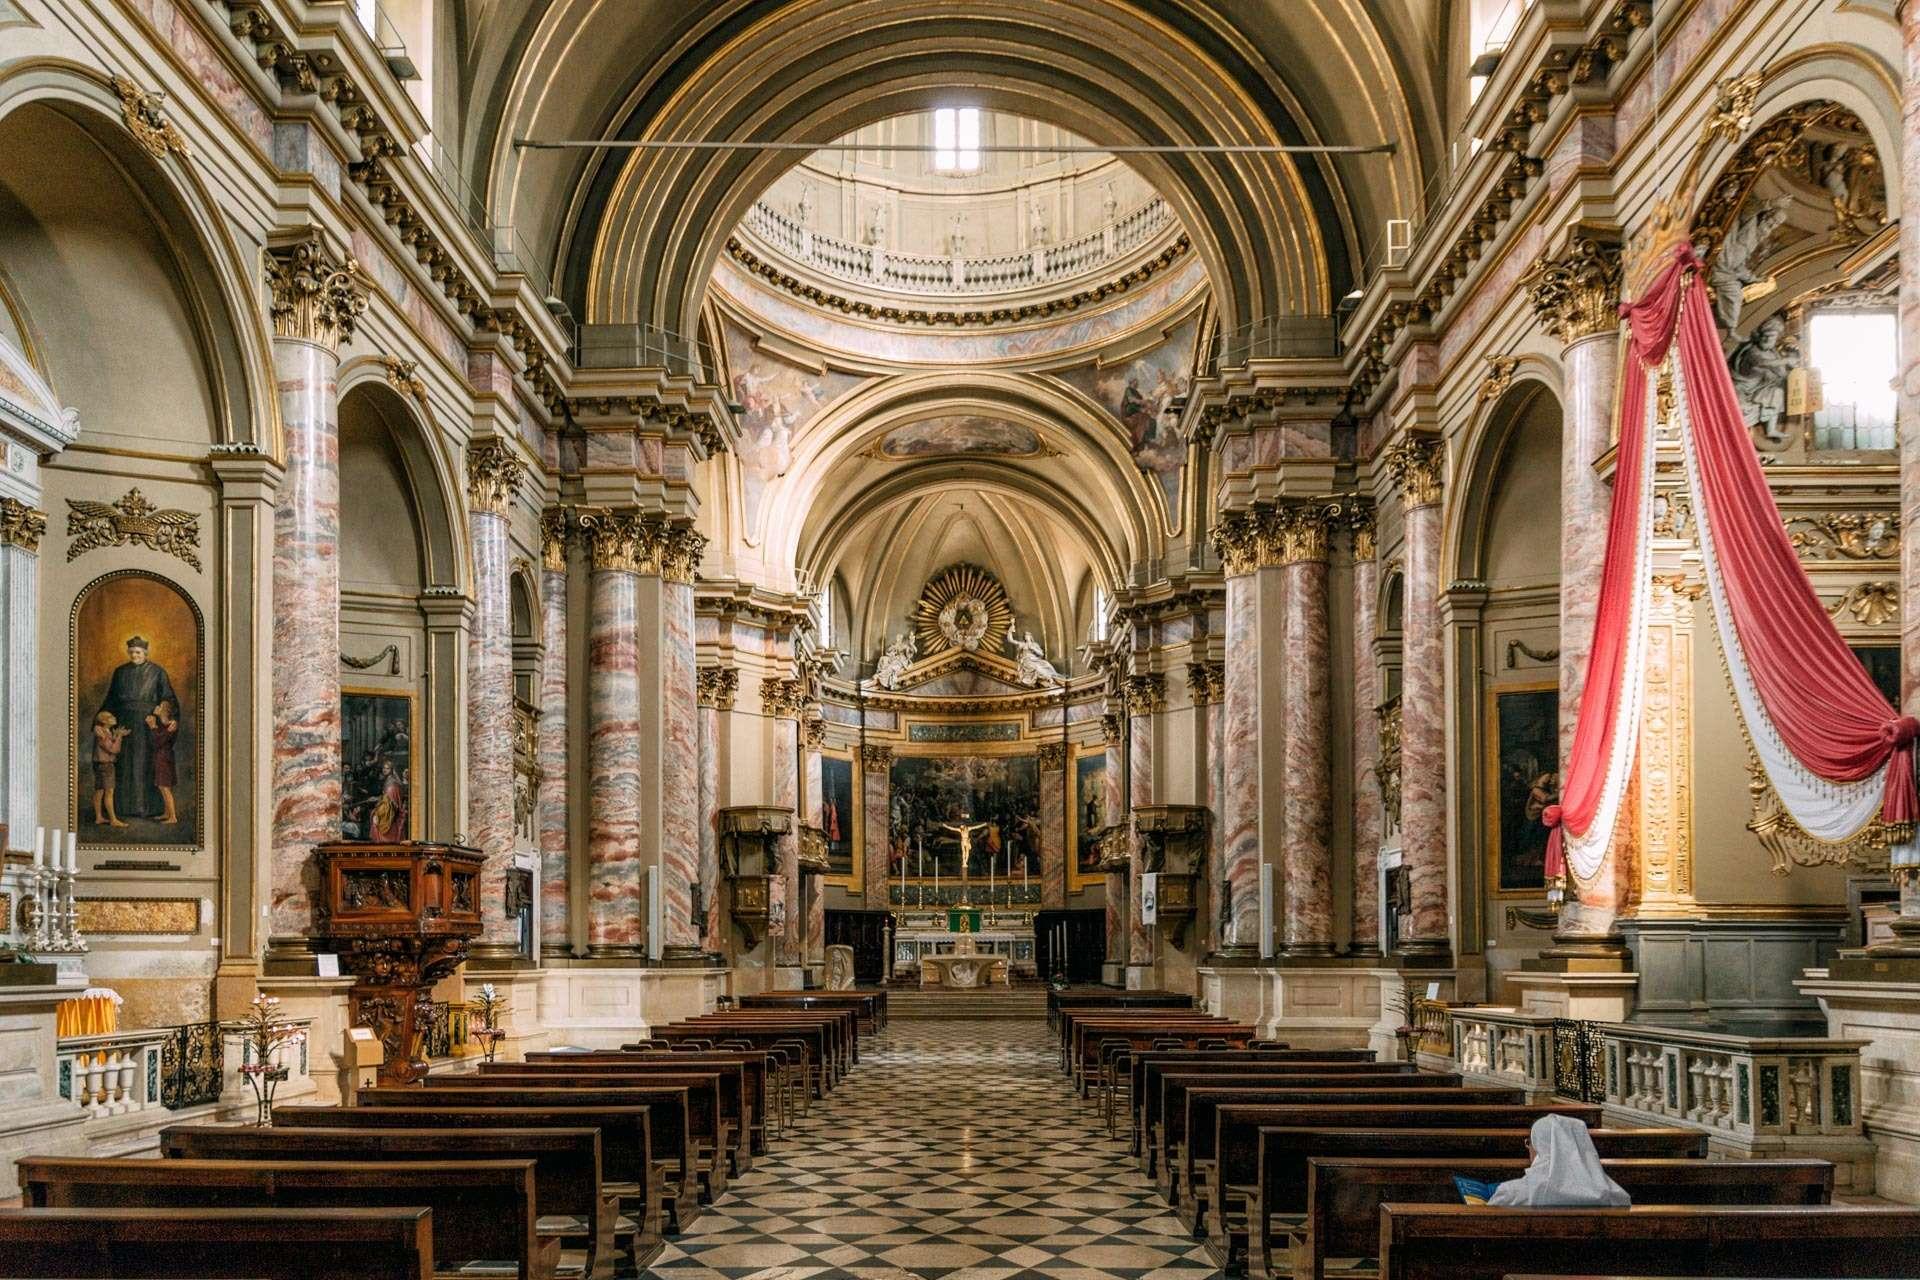 Ca. 3 ud af 4 italienere tror på, at der findes en gud. Hende her er nok én af dem.